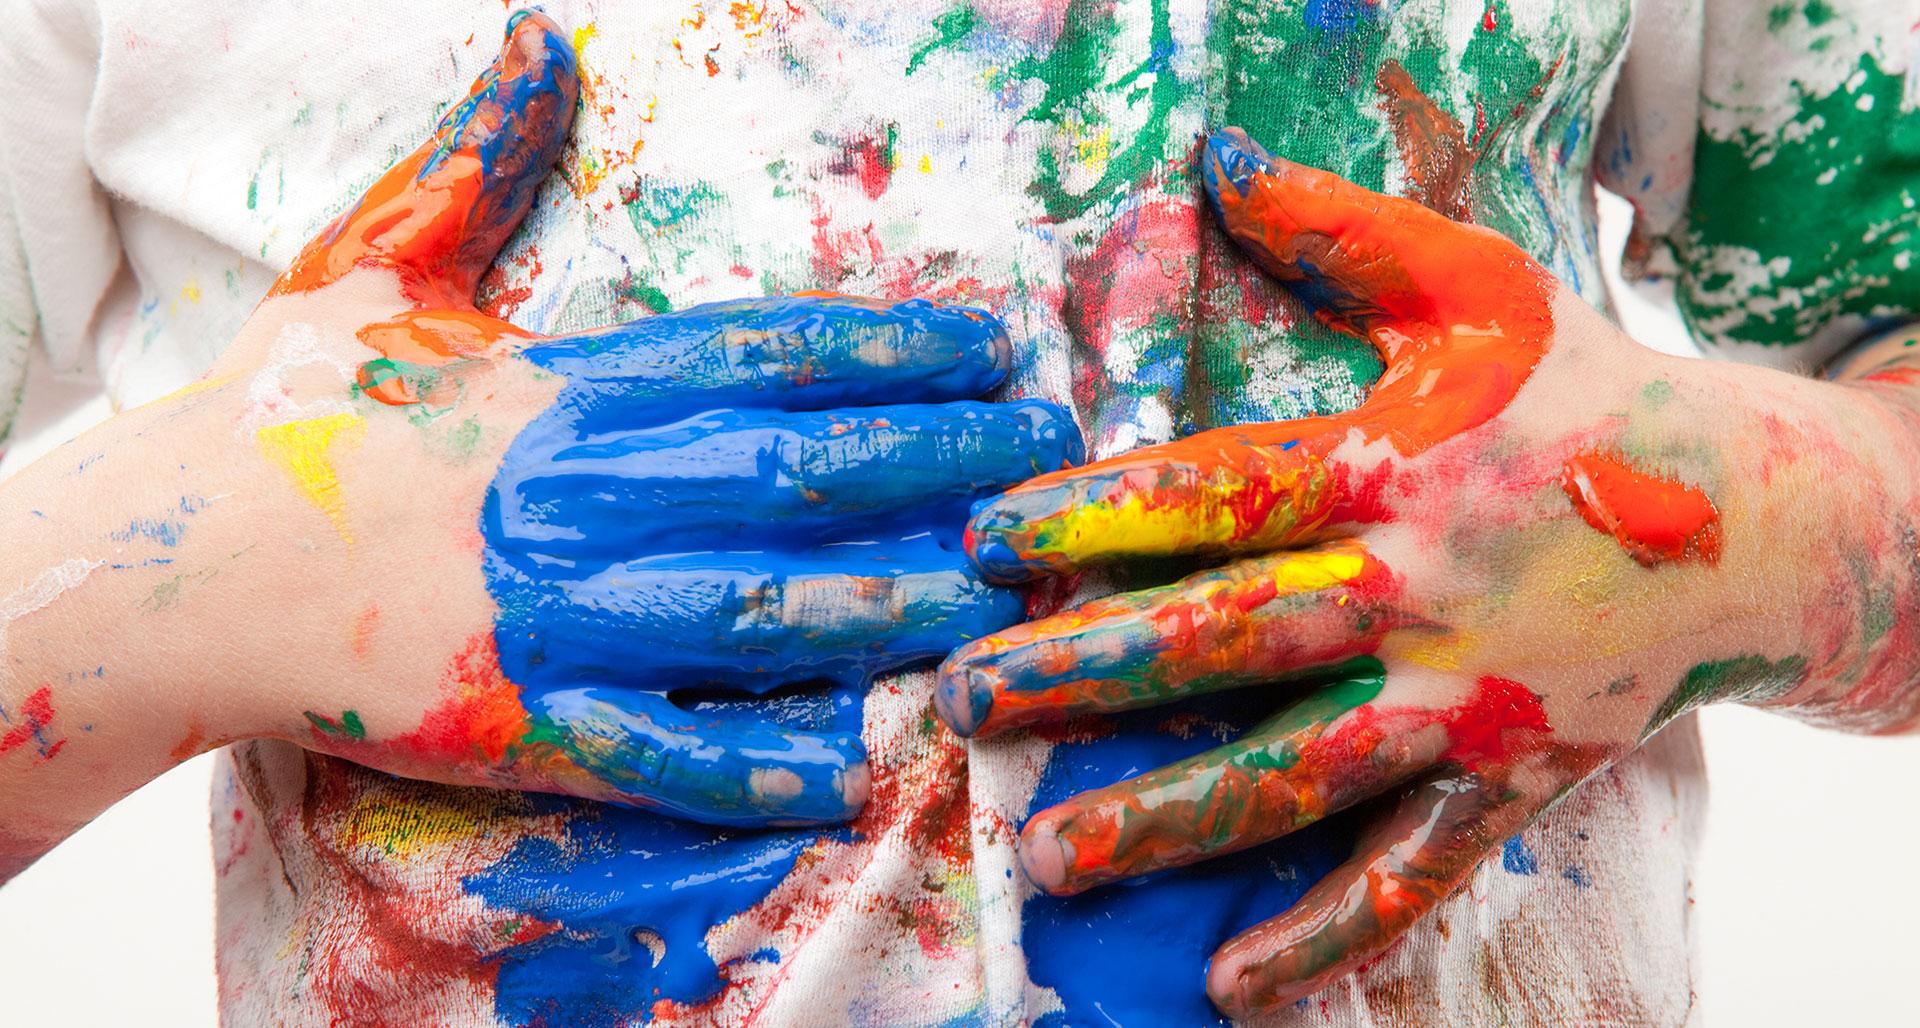 Чем отстирать пятна краски на одежде